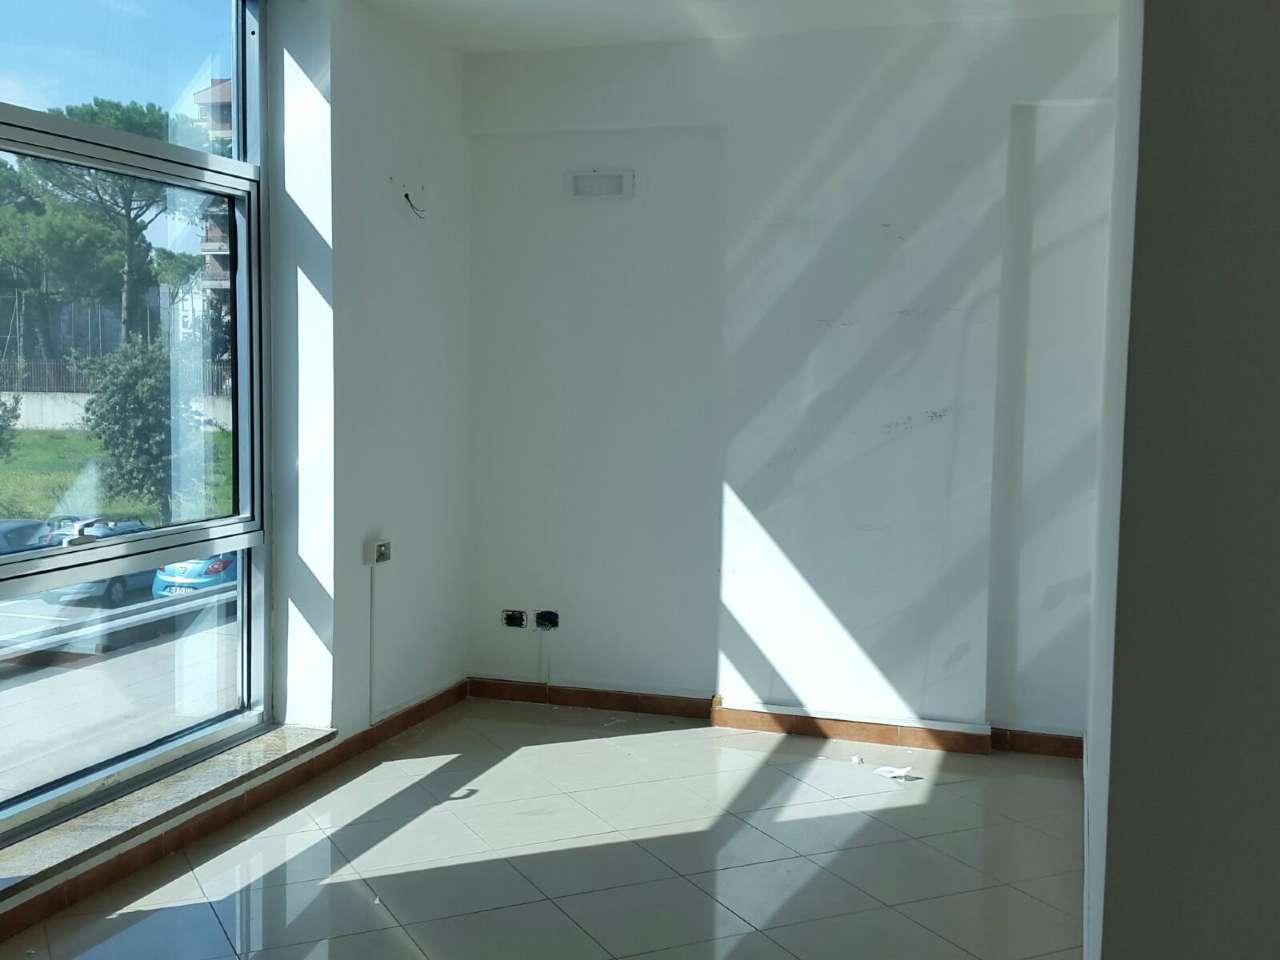 Ufficio Casalnuovo : Immobili commerciali in vendita a casalnuovo di napoli cambiocasa